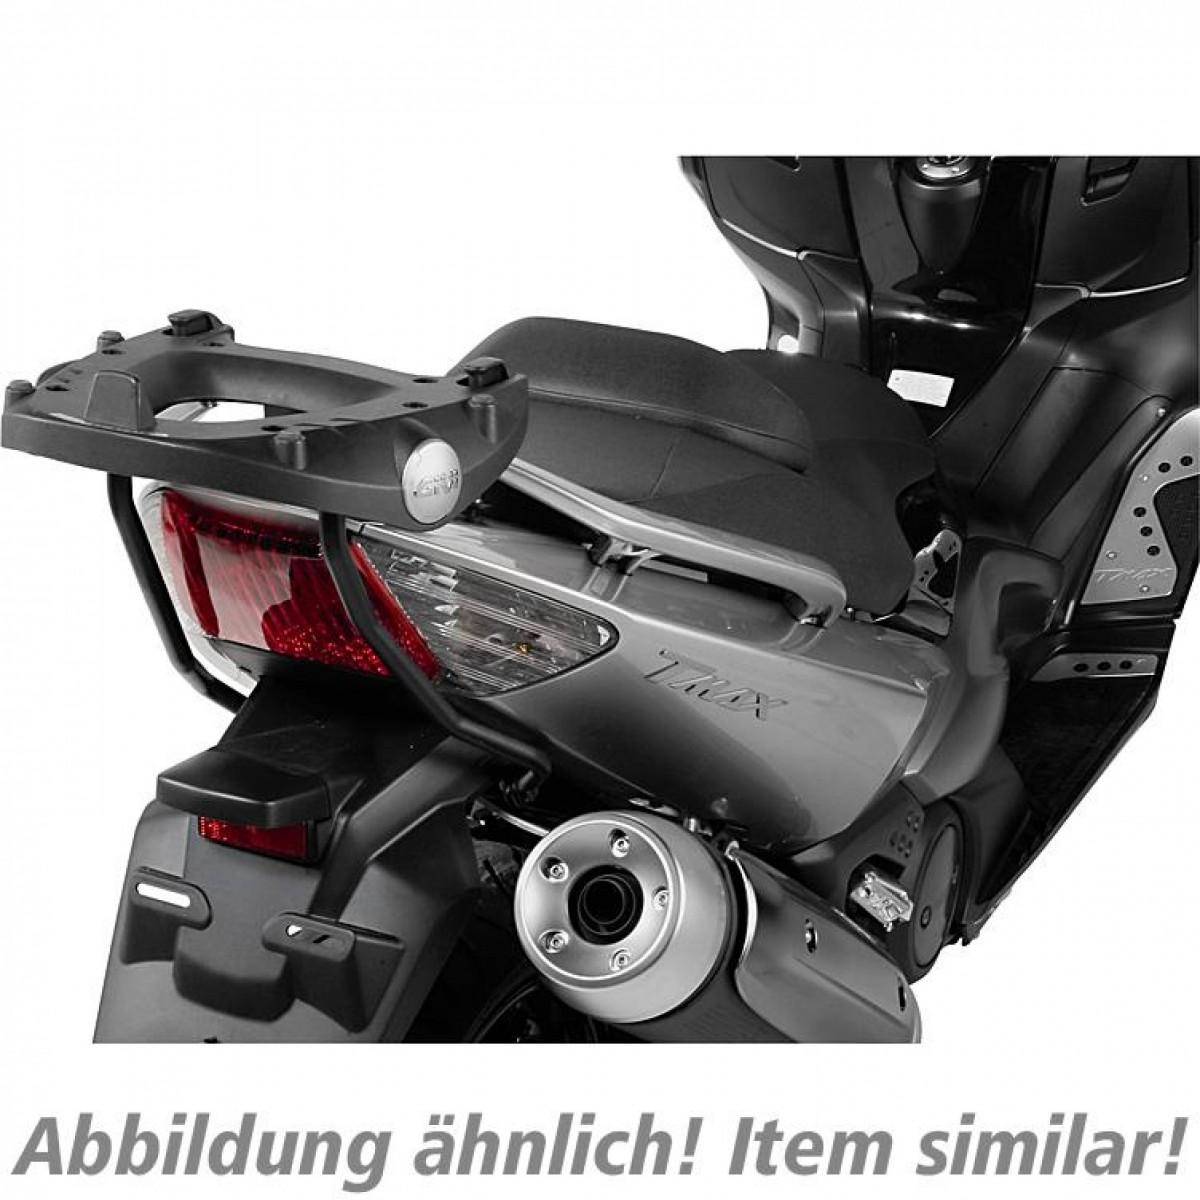 Base para baú Givi SR7051M (baús nacionais B47, E450, E470) Dafra Maxsym (acompanha base M-5M)  - Nova Suzuki Motos e Acessórios